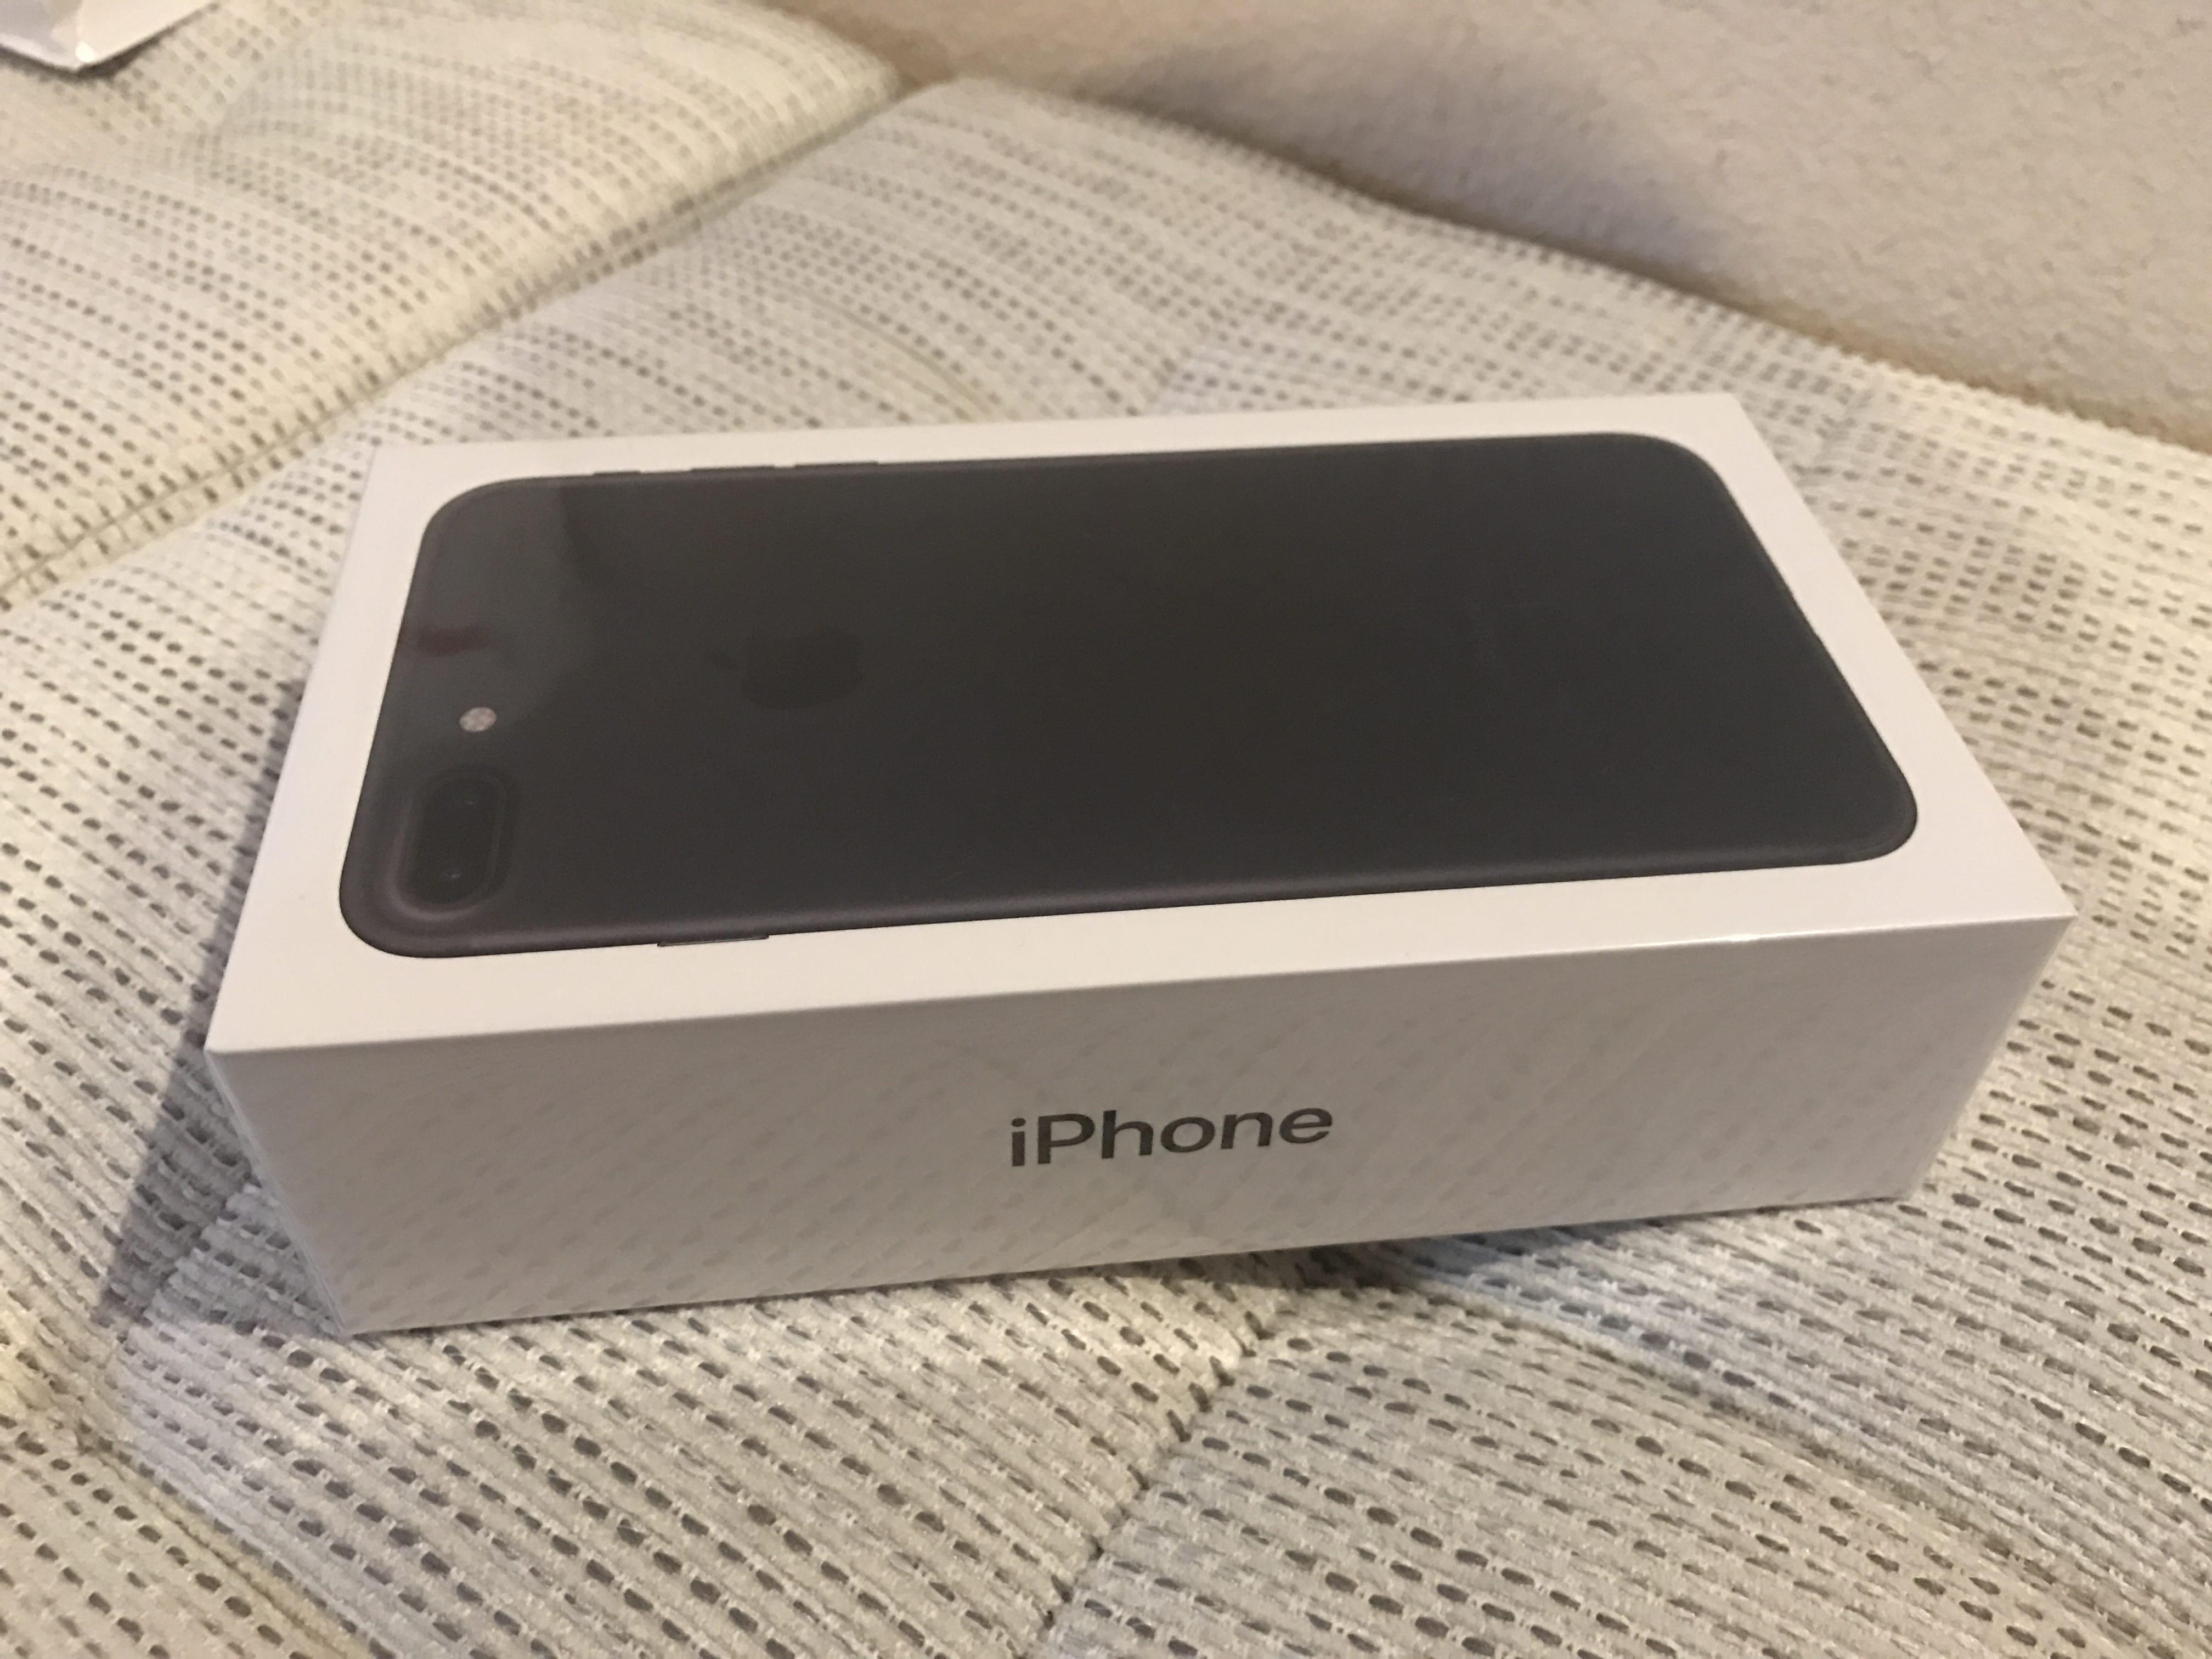 Zobraziť inzerát ~ MacBlog.sk - iPhone - Predam novy zafoliovany ... 4abf55e143e